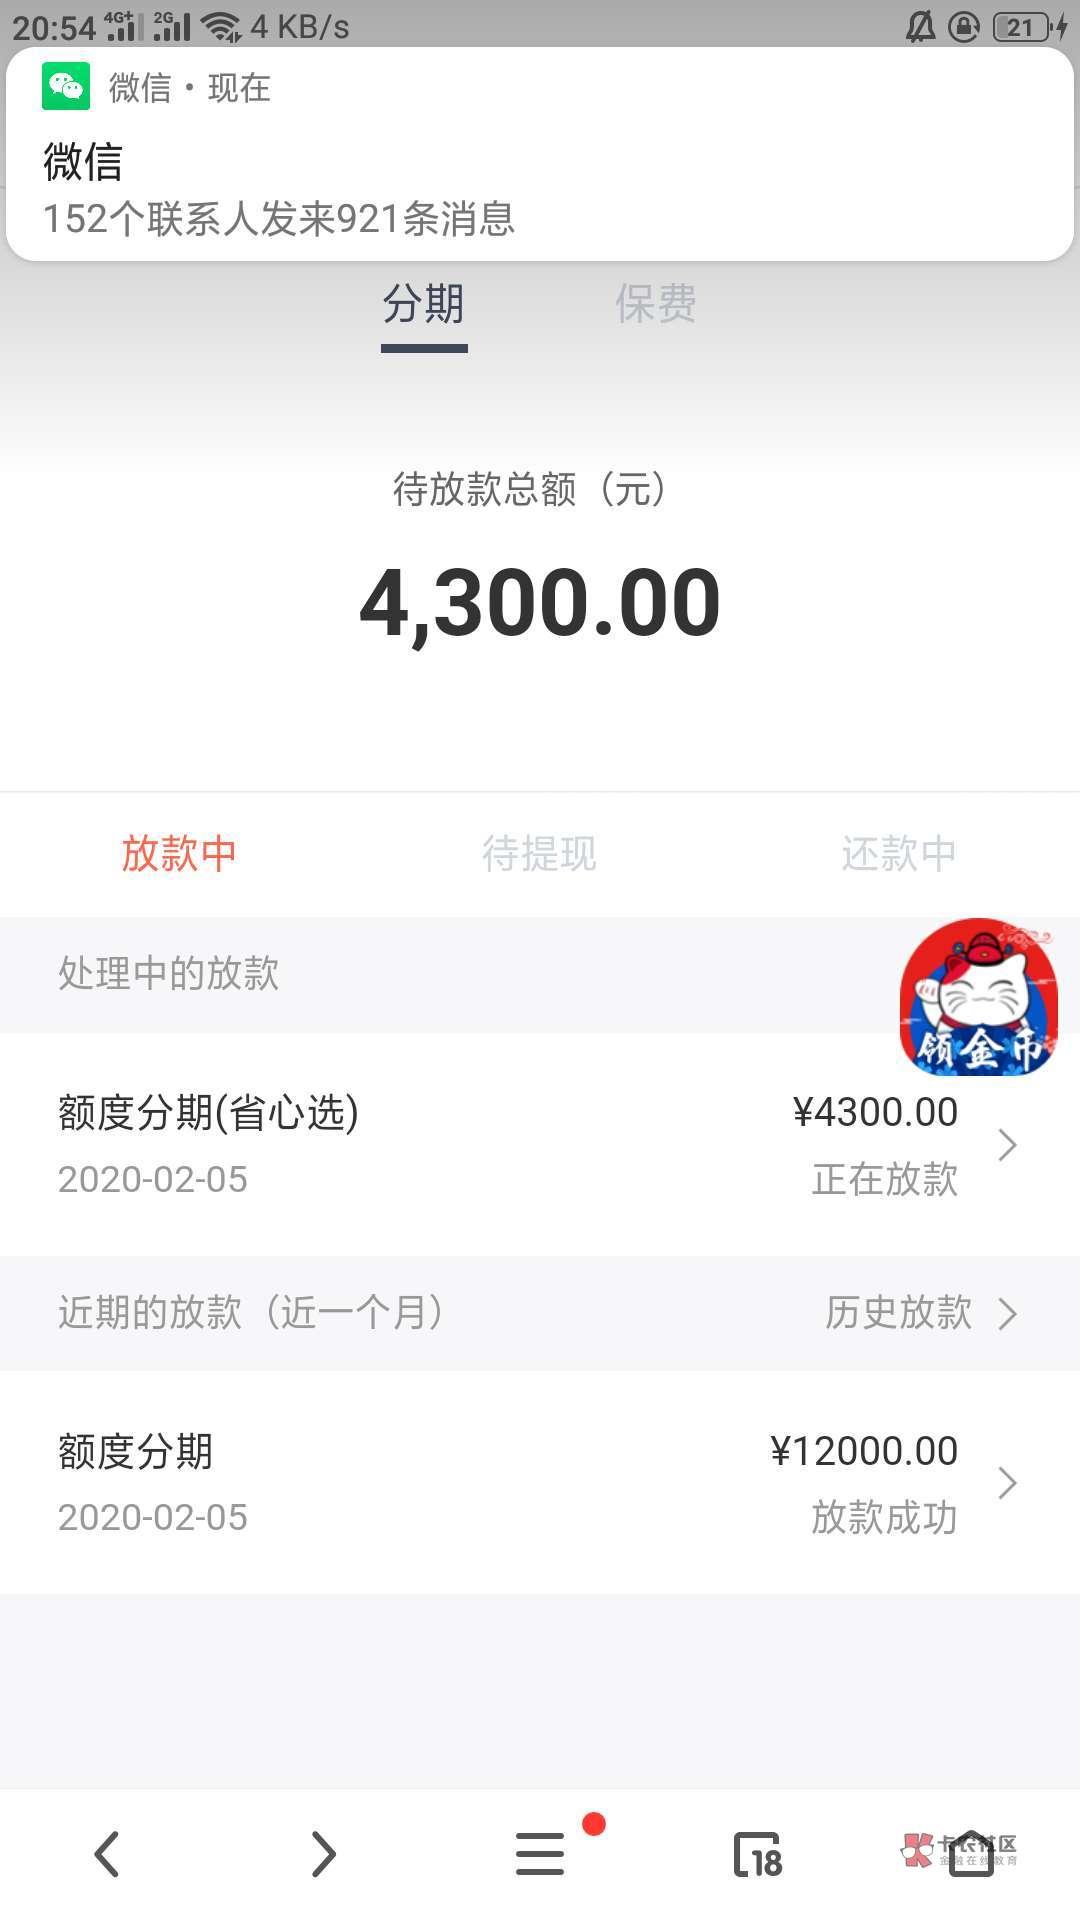 玖富万卡显示放款成功了,怎么点进去还是显示放款中,钱也没到账。有老哥知道情况的吗87 / 作者:tangfeng5646467 /